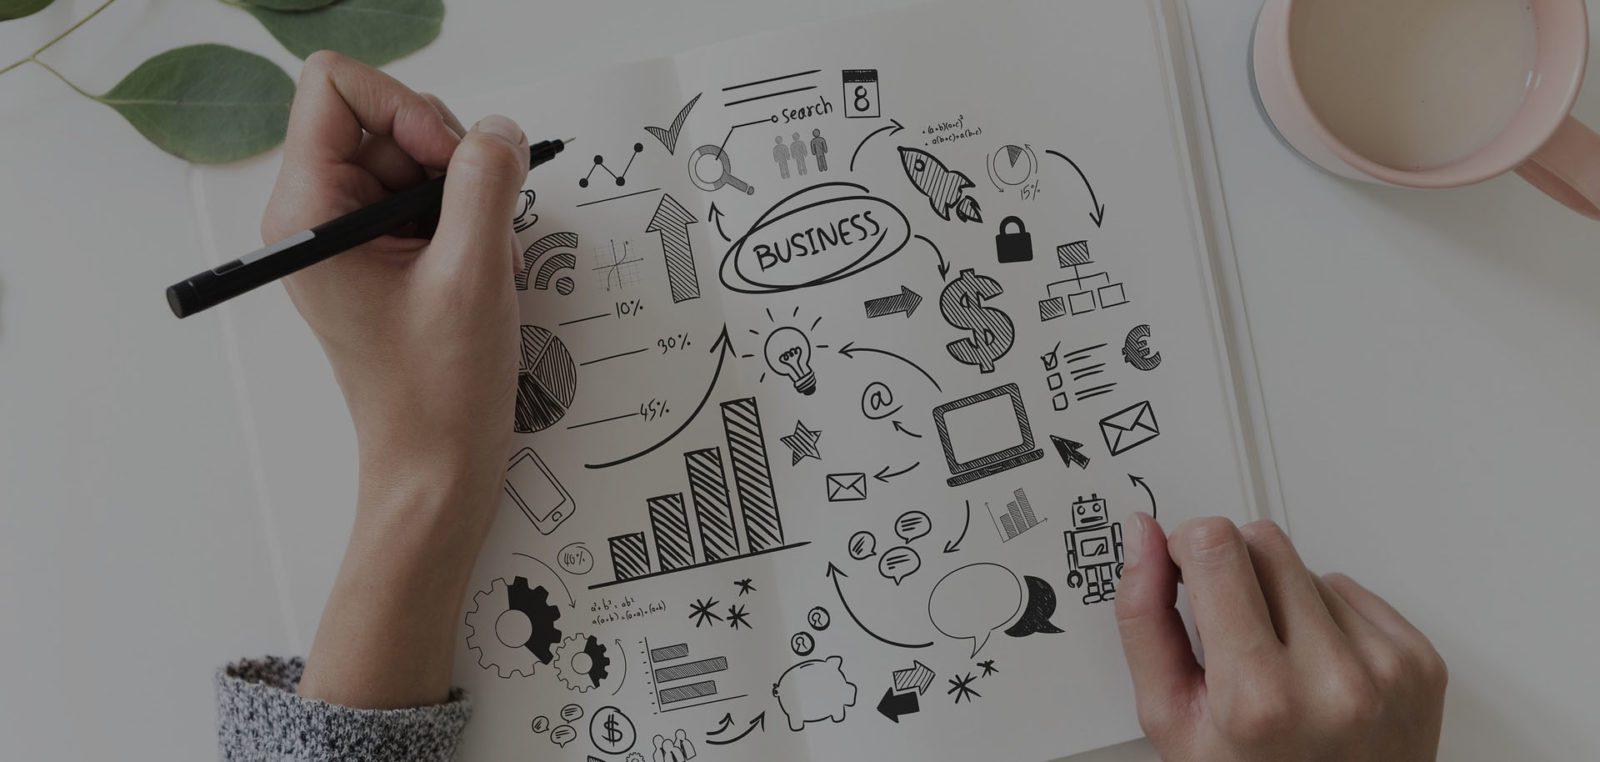 Что такое рентабельность бизнеса и как правильно ее рассчитать предпринимателю